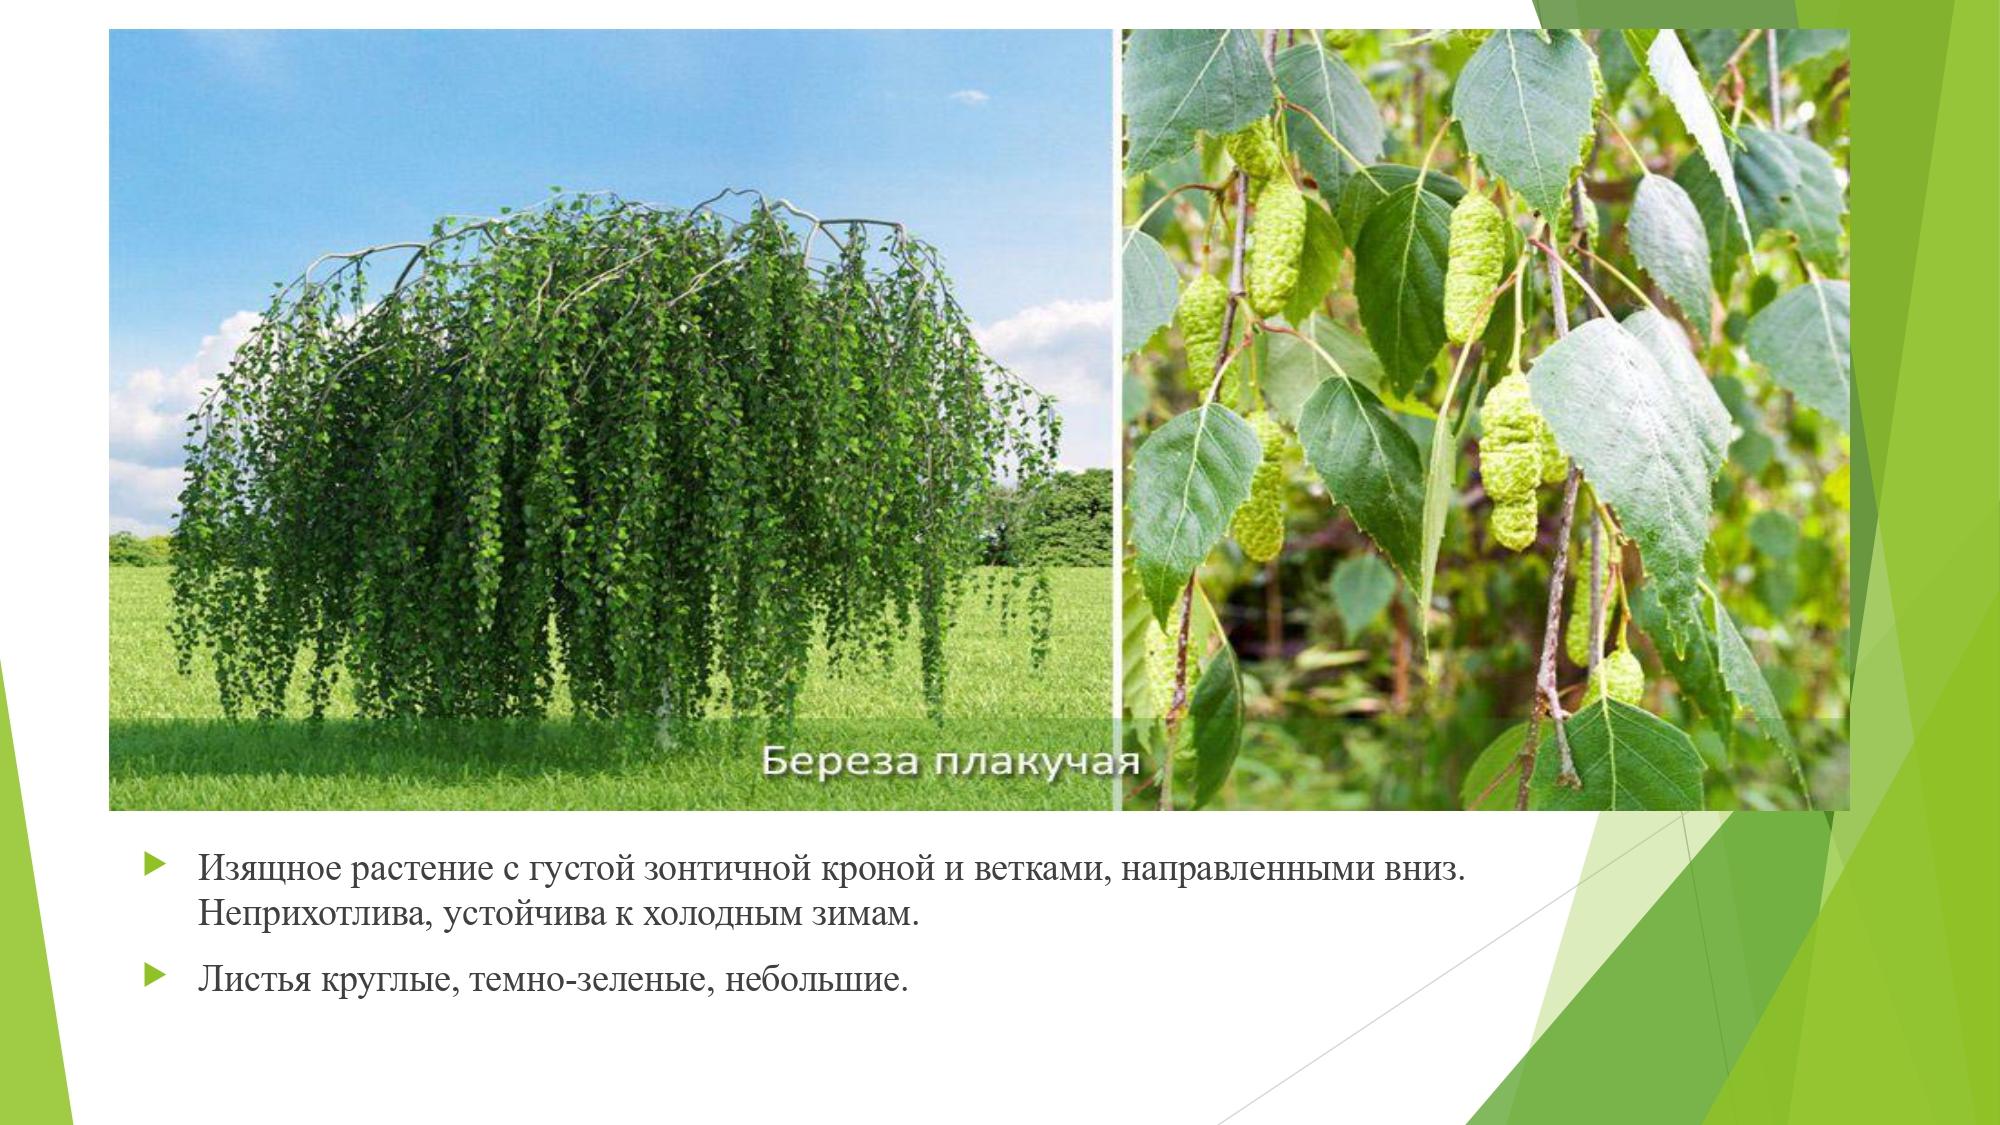 декорат.раст_page-0009